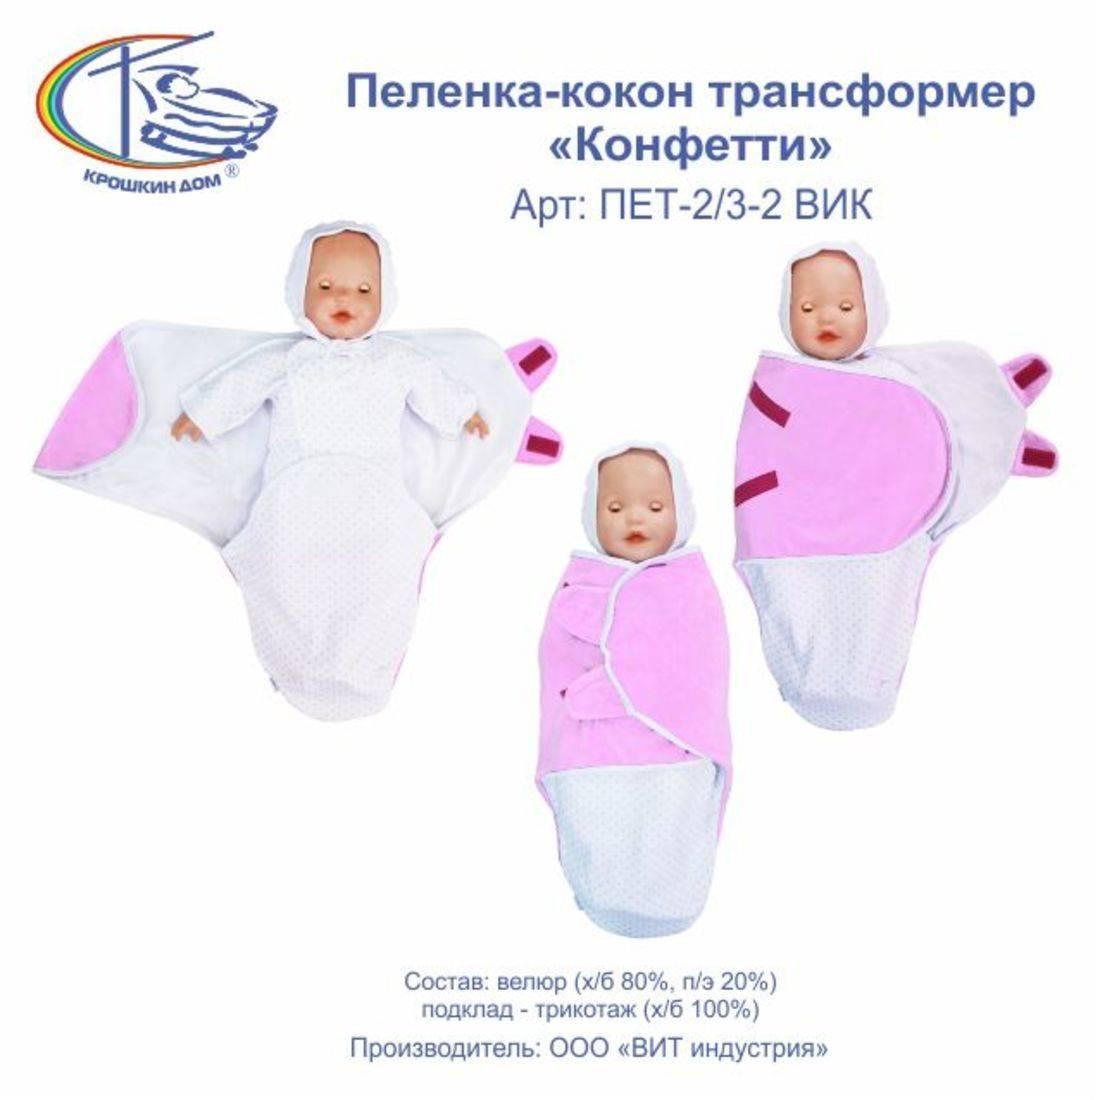 Пелёнки какого размера нужны новорожденному — выбираем оптимальный размер